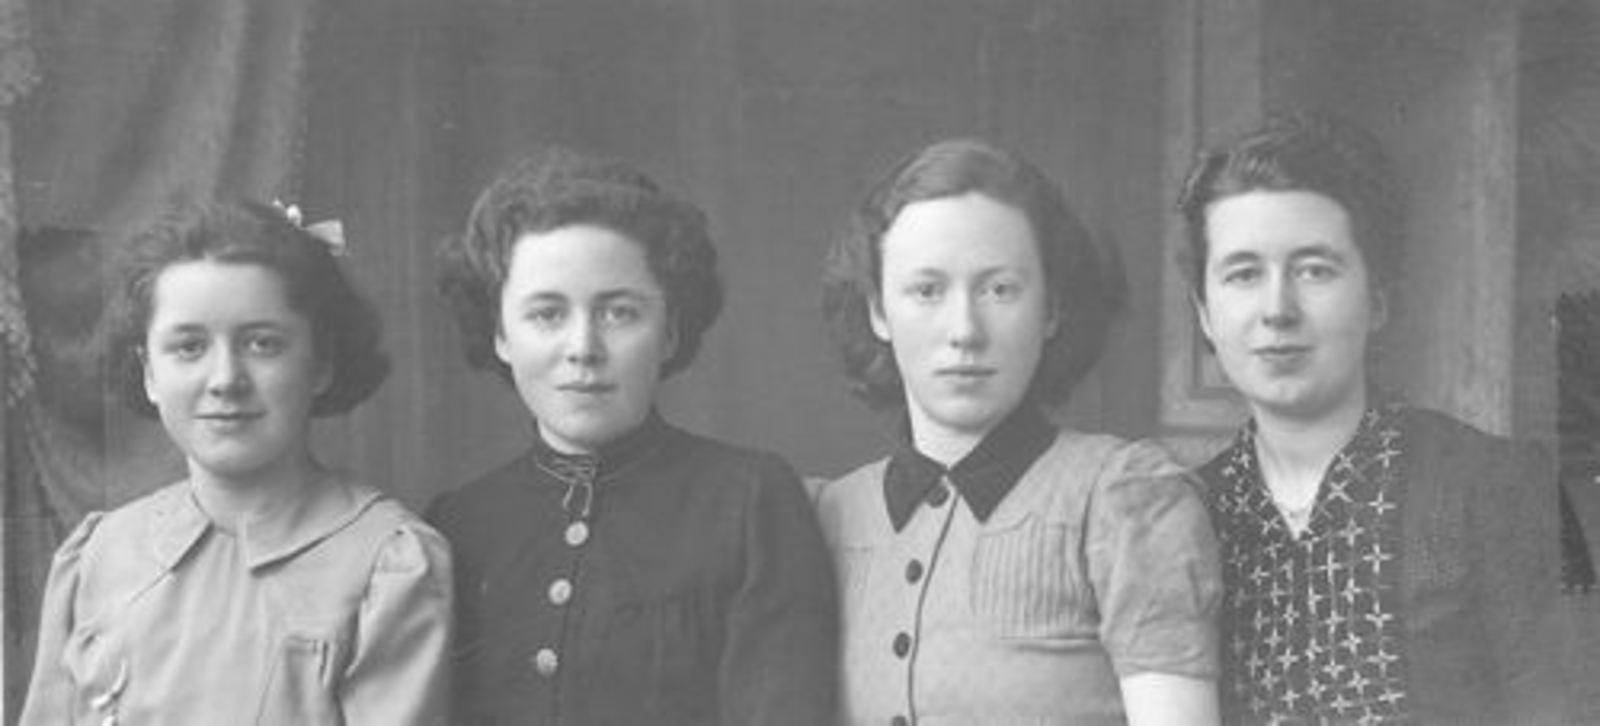 Calvelage Nel 1926 1941± met zusters bij Fotograaf